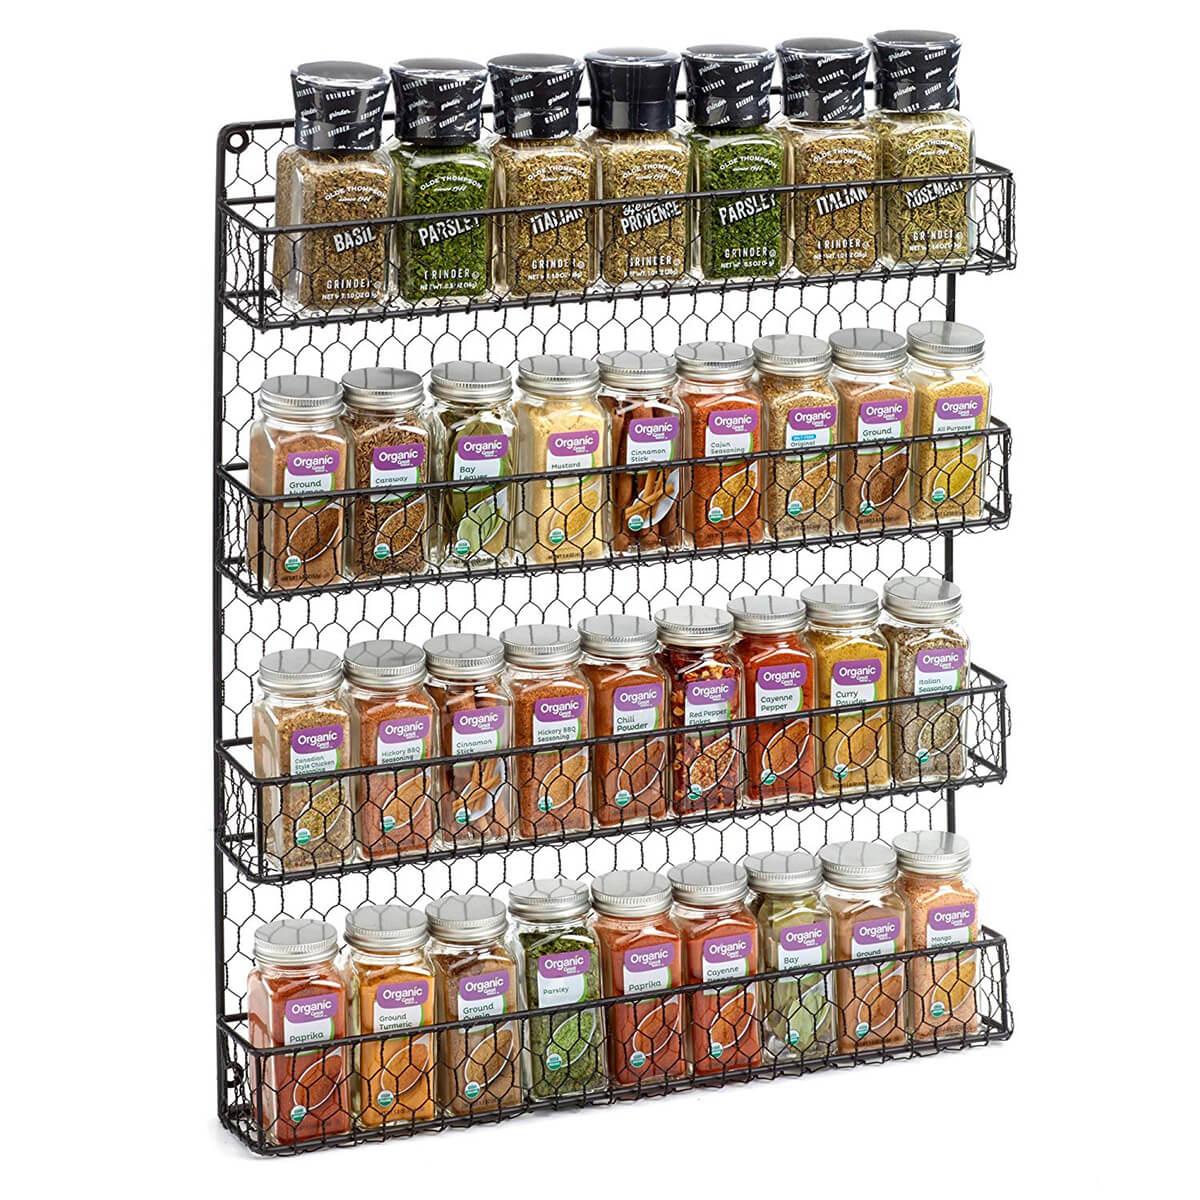 советы организации пространства на вашей кухне фото 7